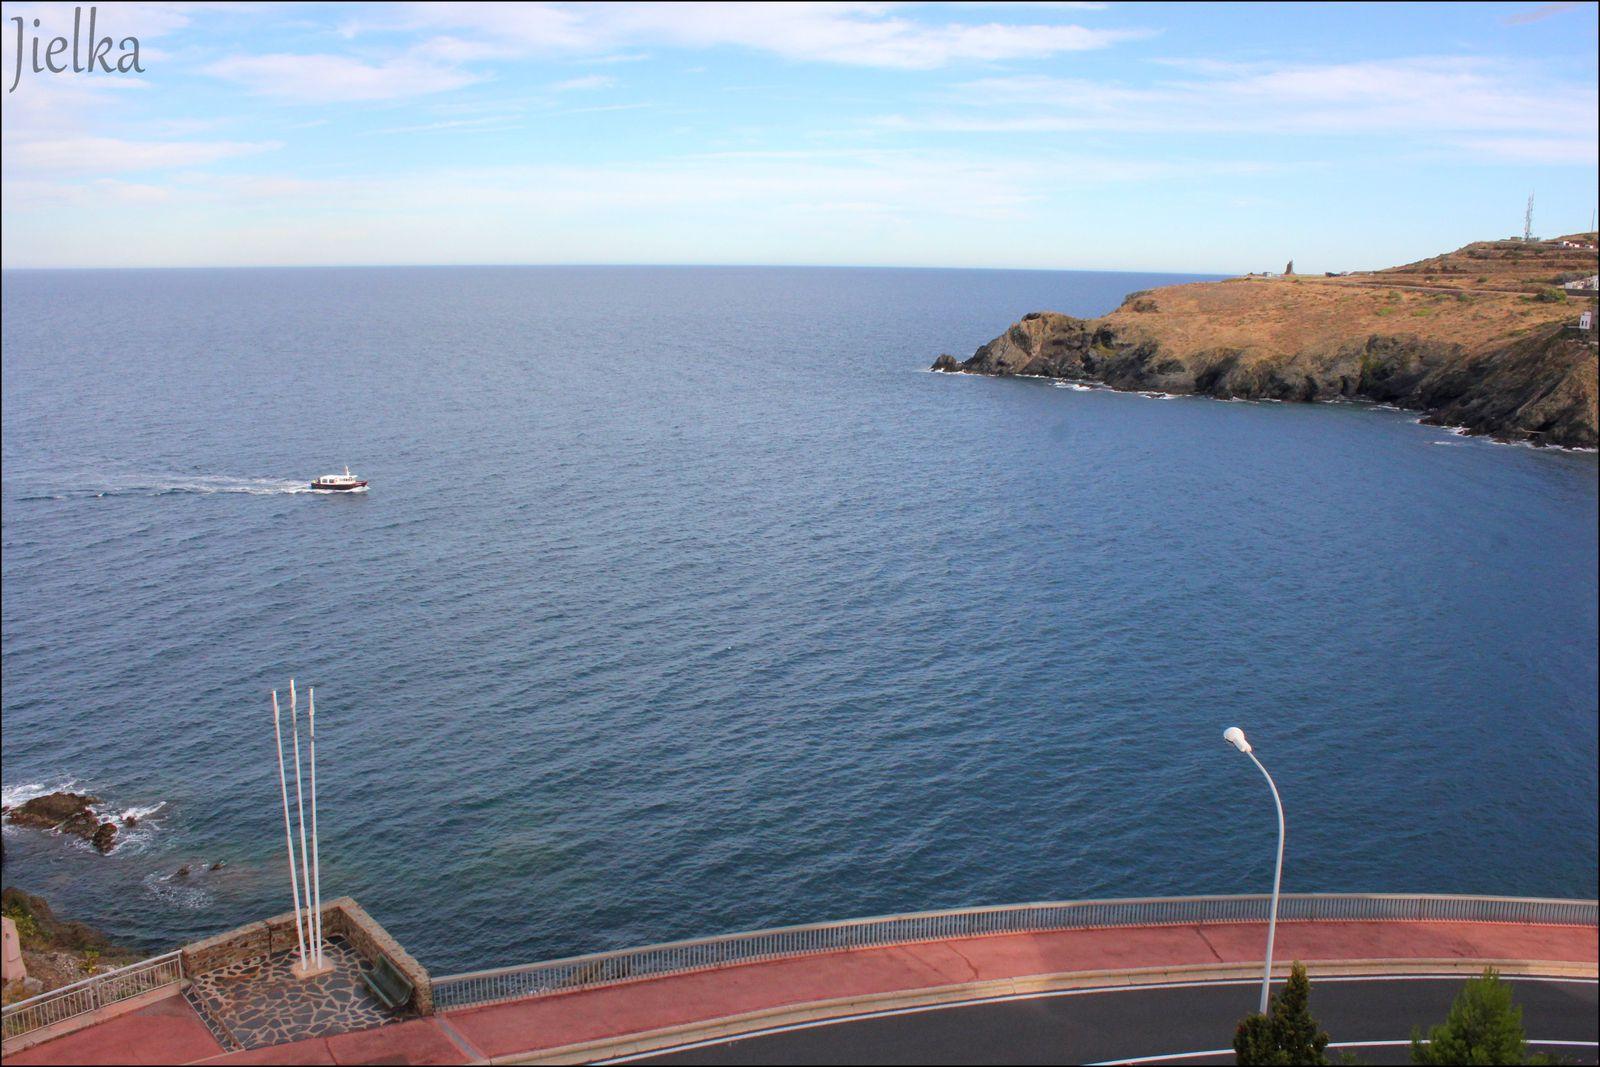 L'hôtel comptait 30 chambres avec vue sur la mer où sur les rails de la gare internationale de Cerbère.